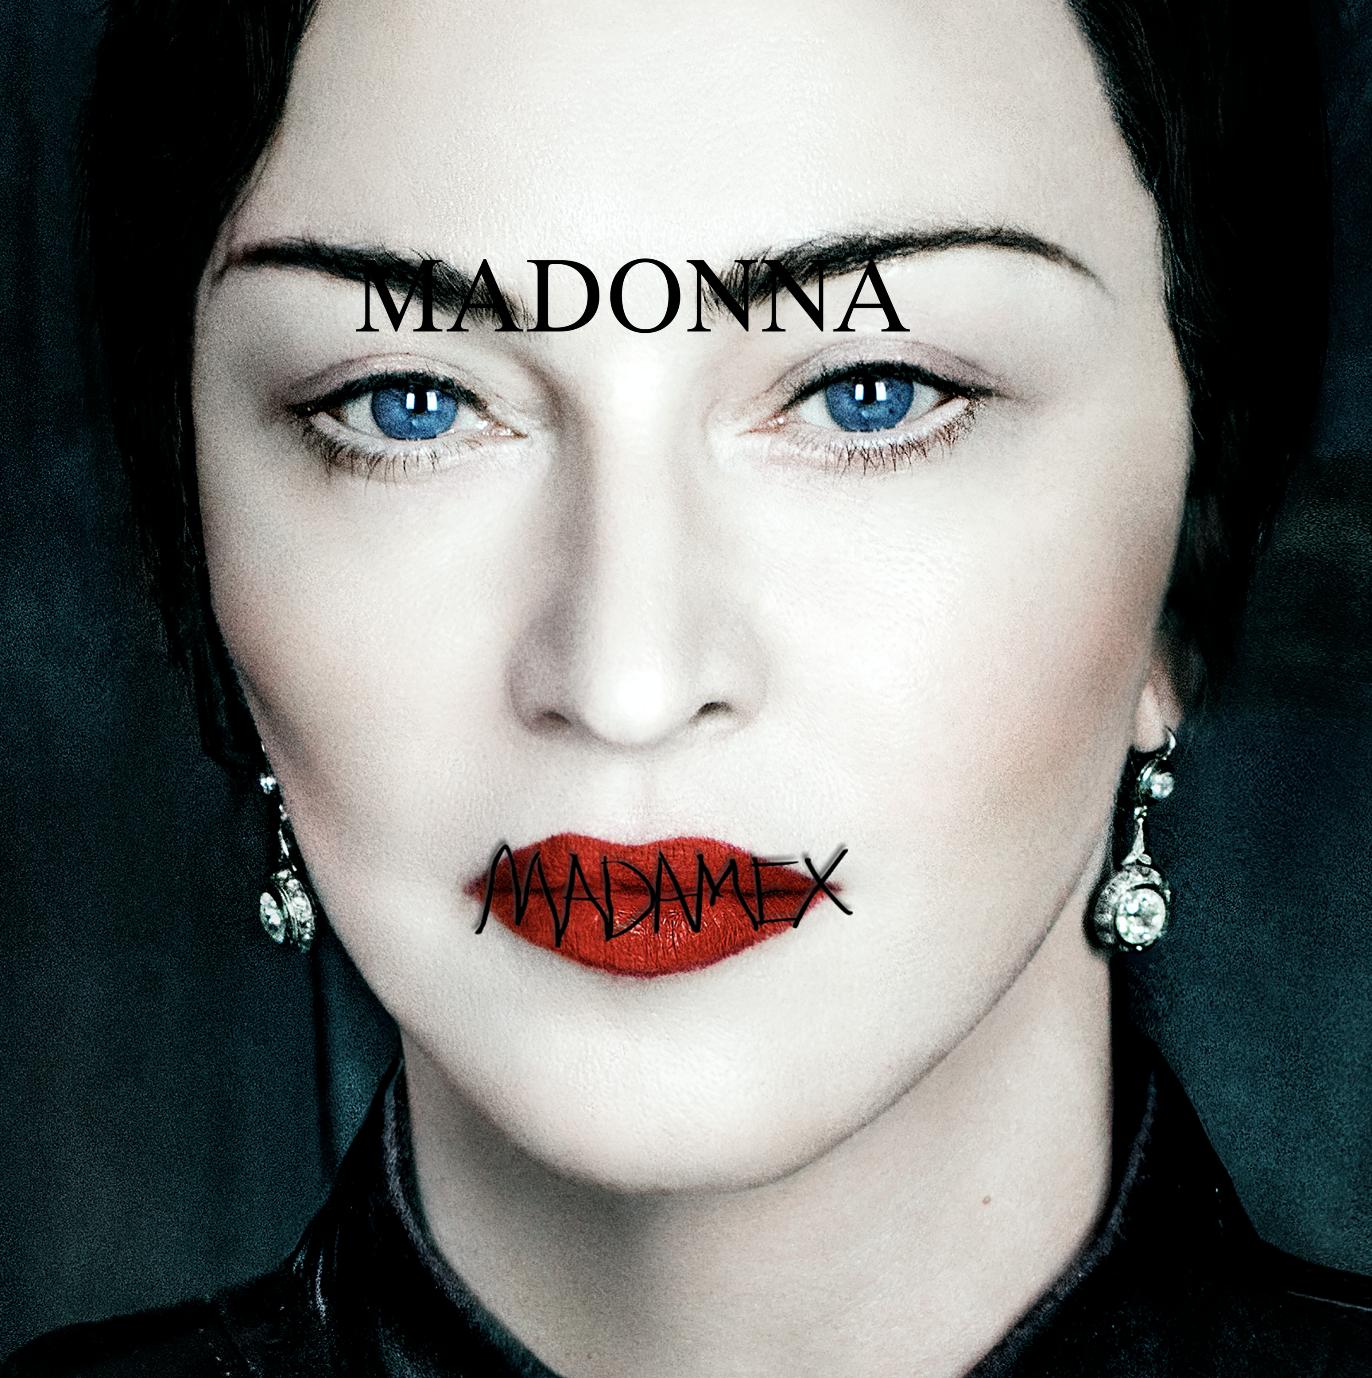 «Madame X»: Conheça todos os detalhes do novo disco de Madonna